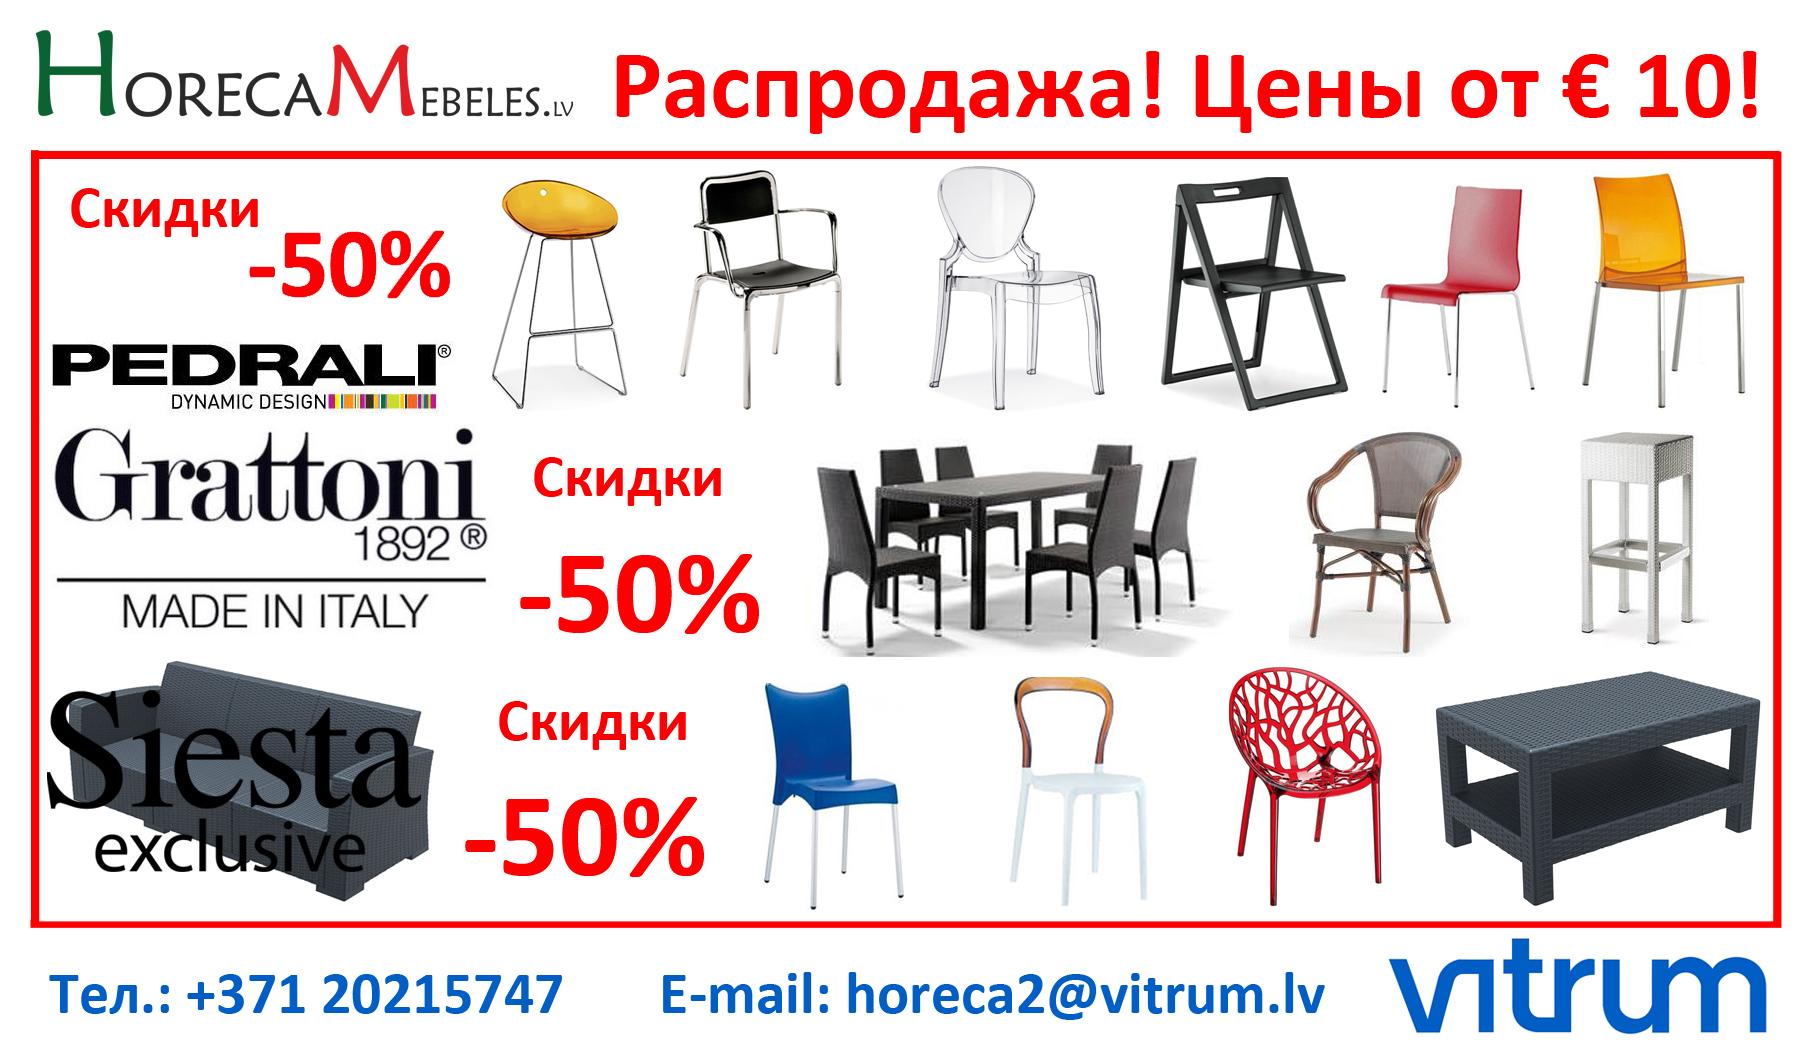 www-horecamebeles-lv-Signatyre-ru.jpg